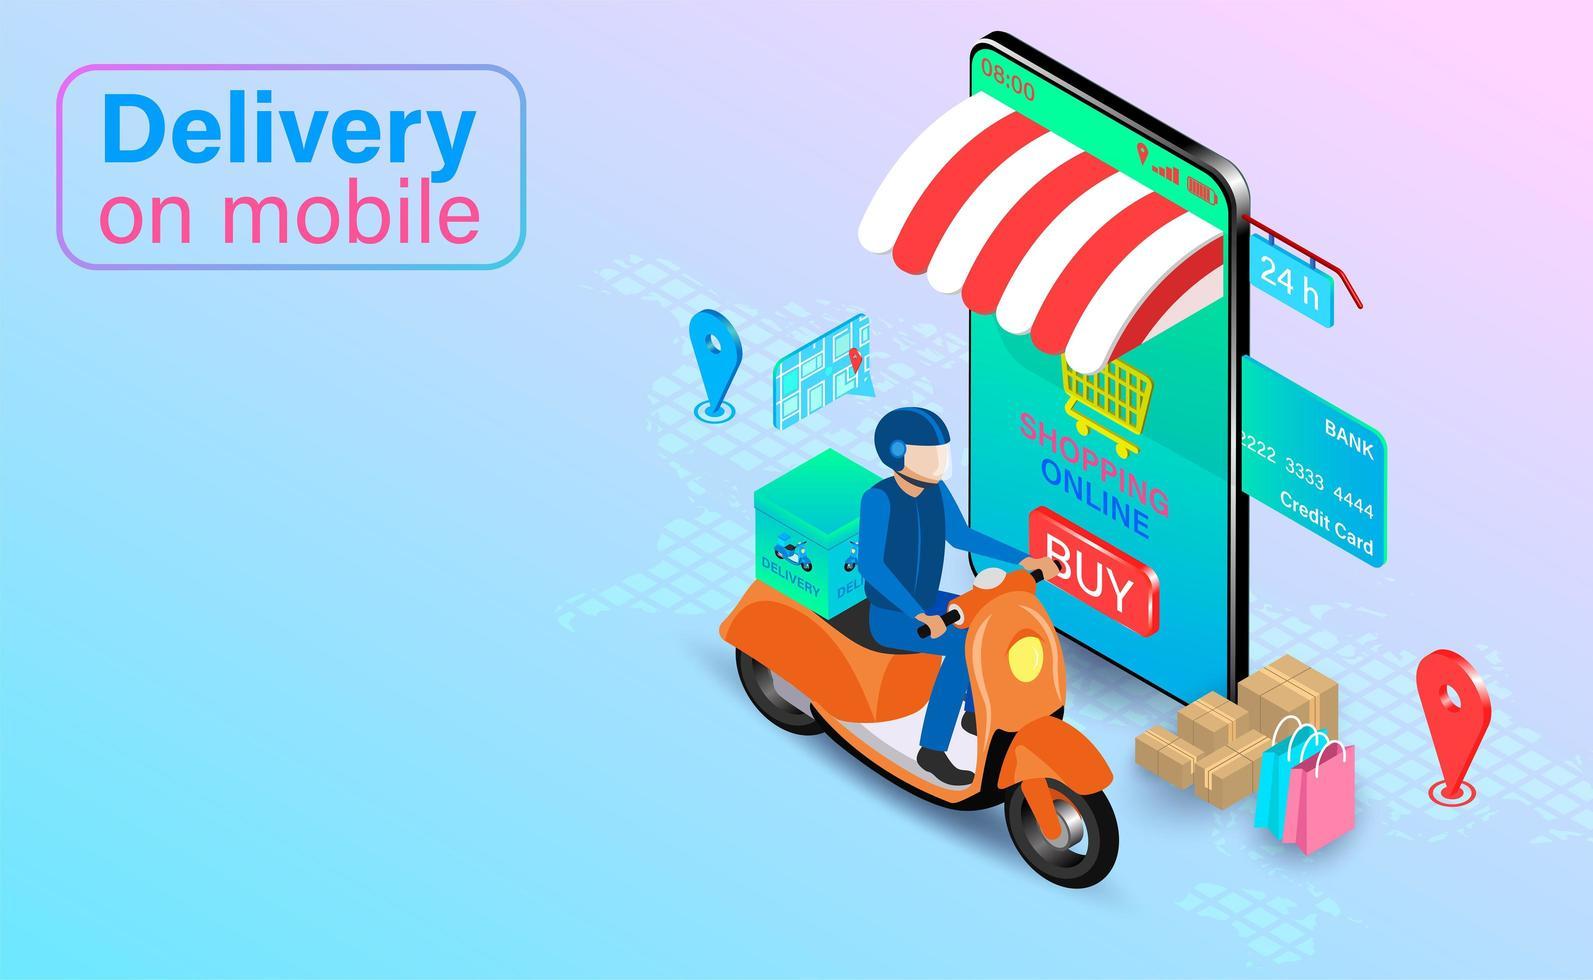 tienda de telefonía móvil con conductor de reparto vector